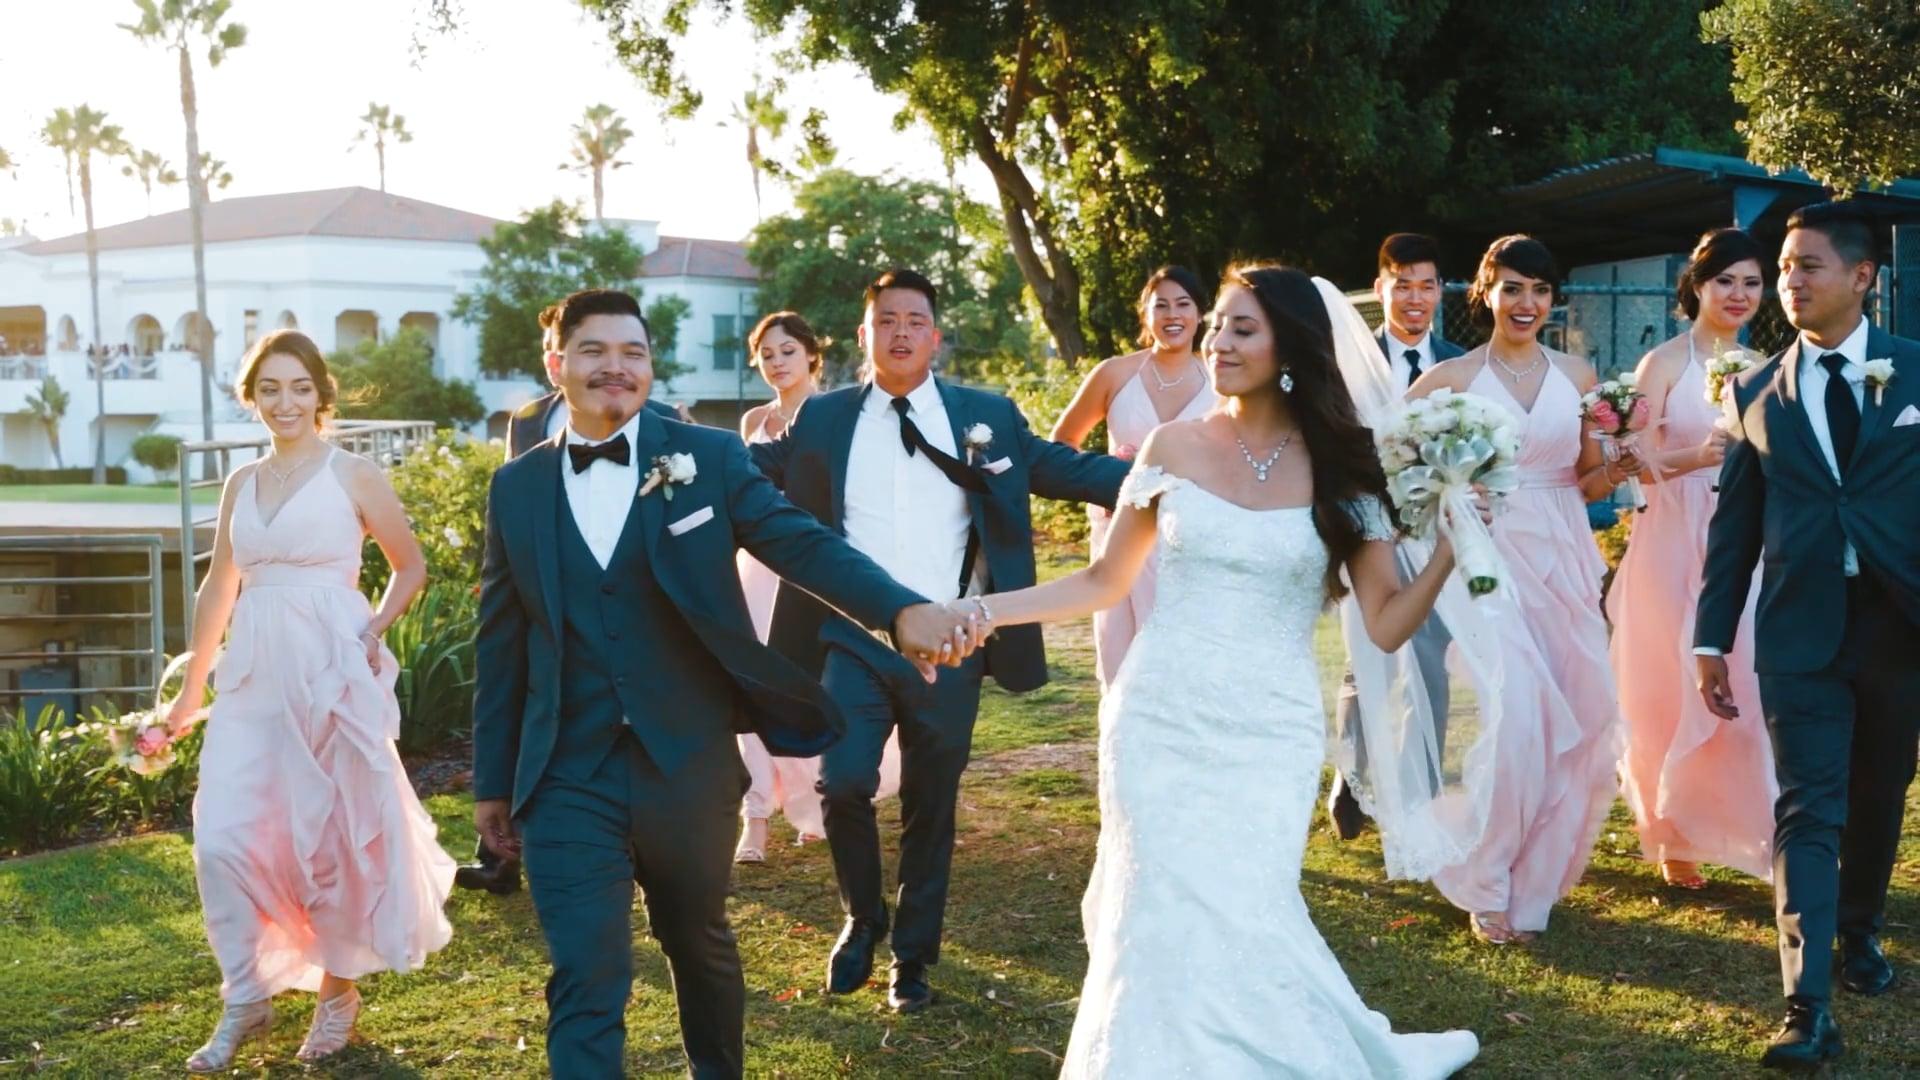 Laura & Andaro | Wedding Highlight | Los Coyotes Country Club Buena Park